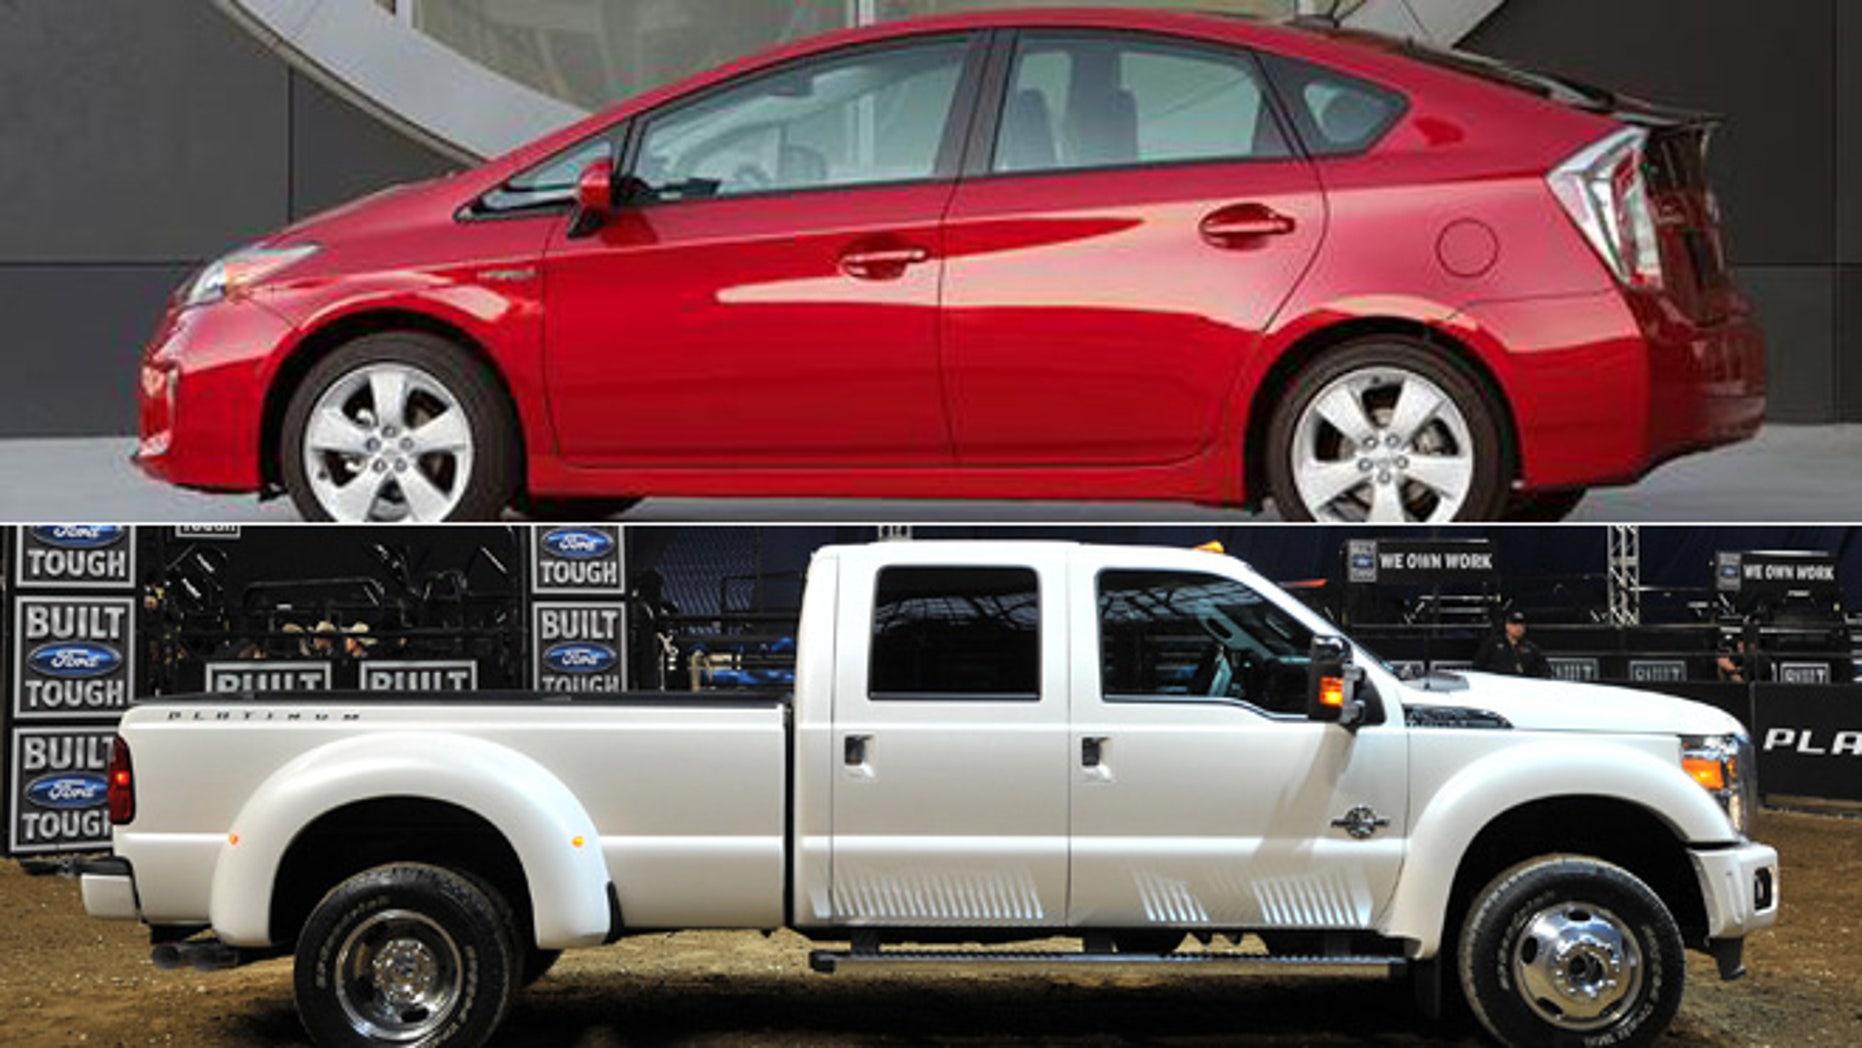 2013 Toyota Prius/2013 Ford F-Series Super Duty Platinum